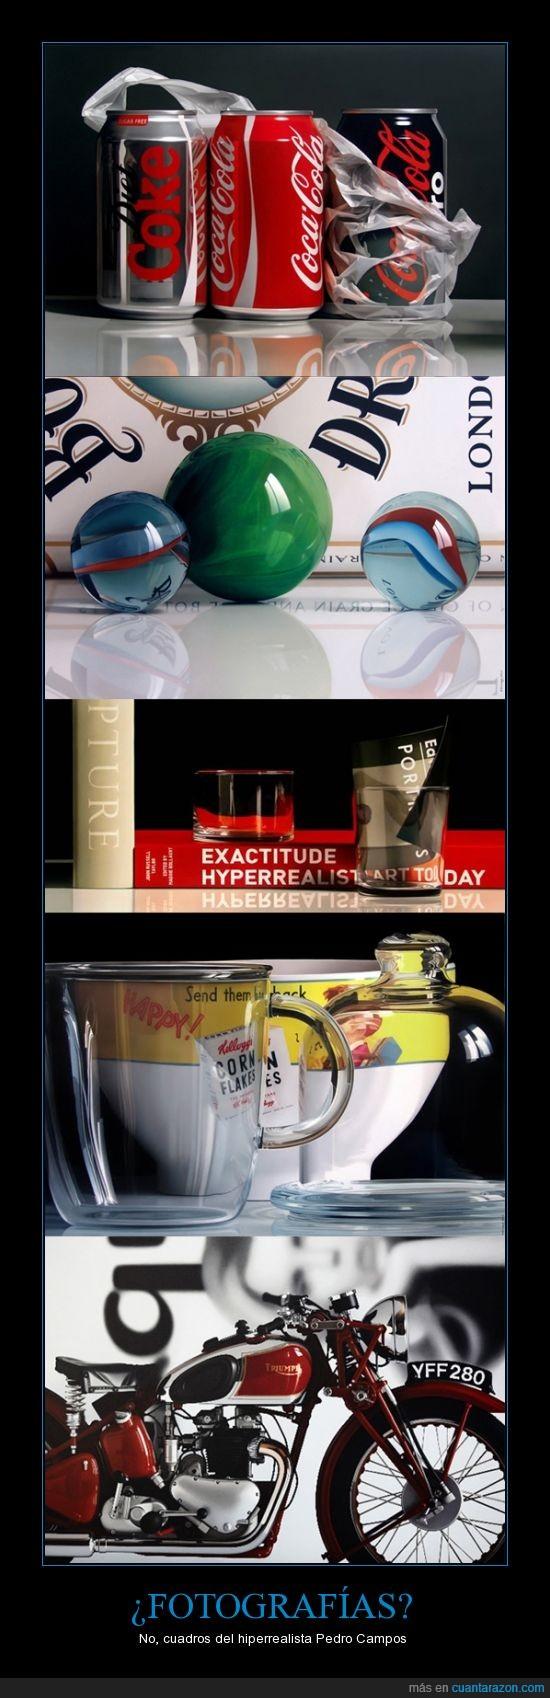 canicas,coca-cola,corn flakes,hiperrealismo,impresionante,libros,moto,Pedro Campos,reflejos